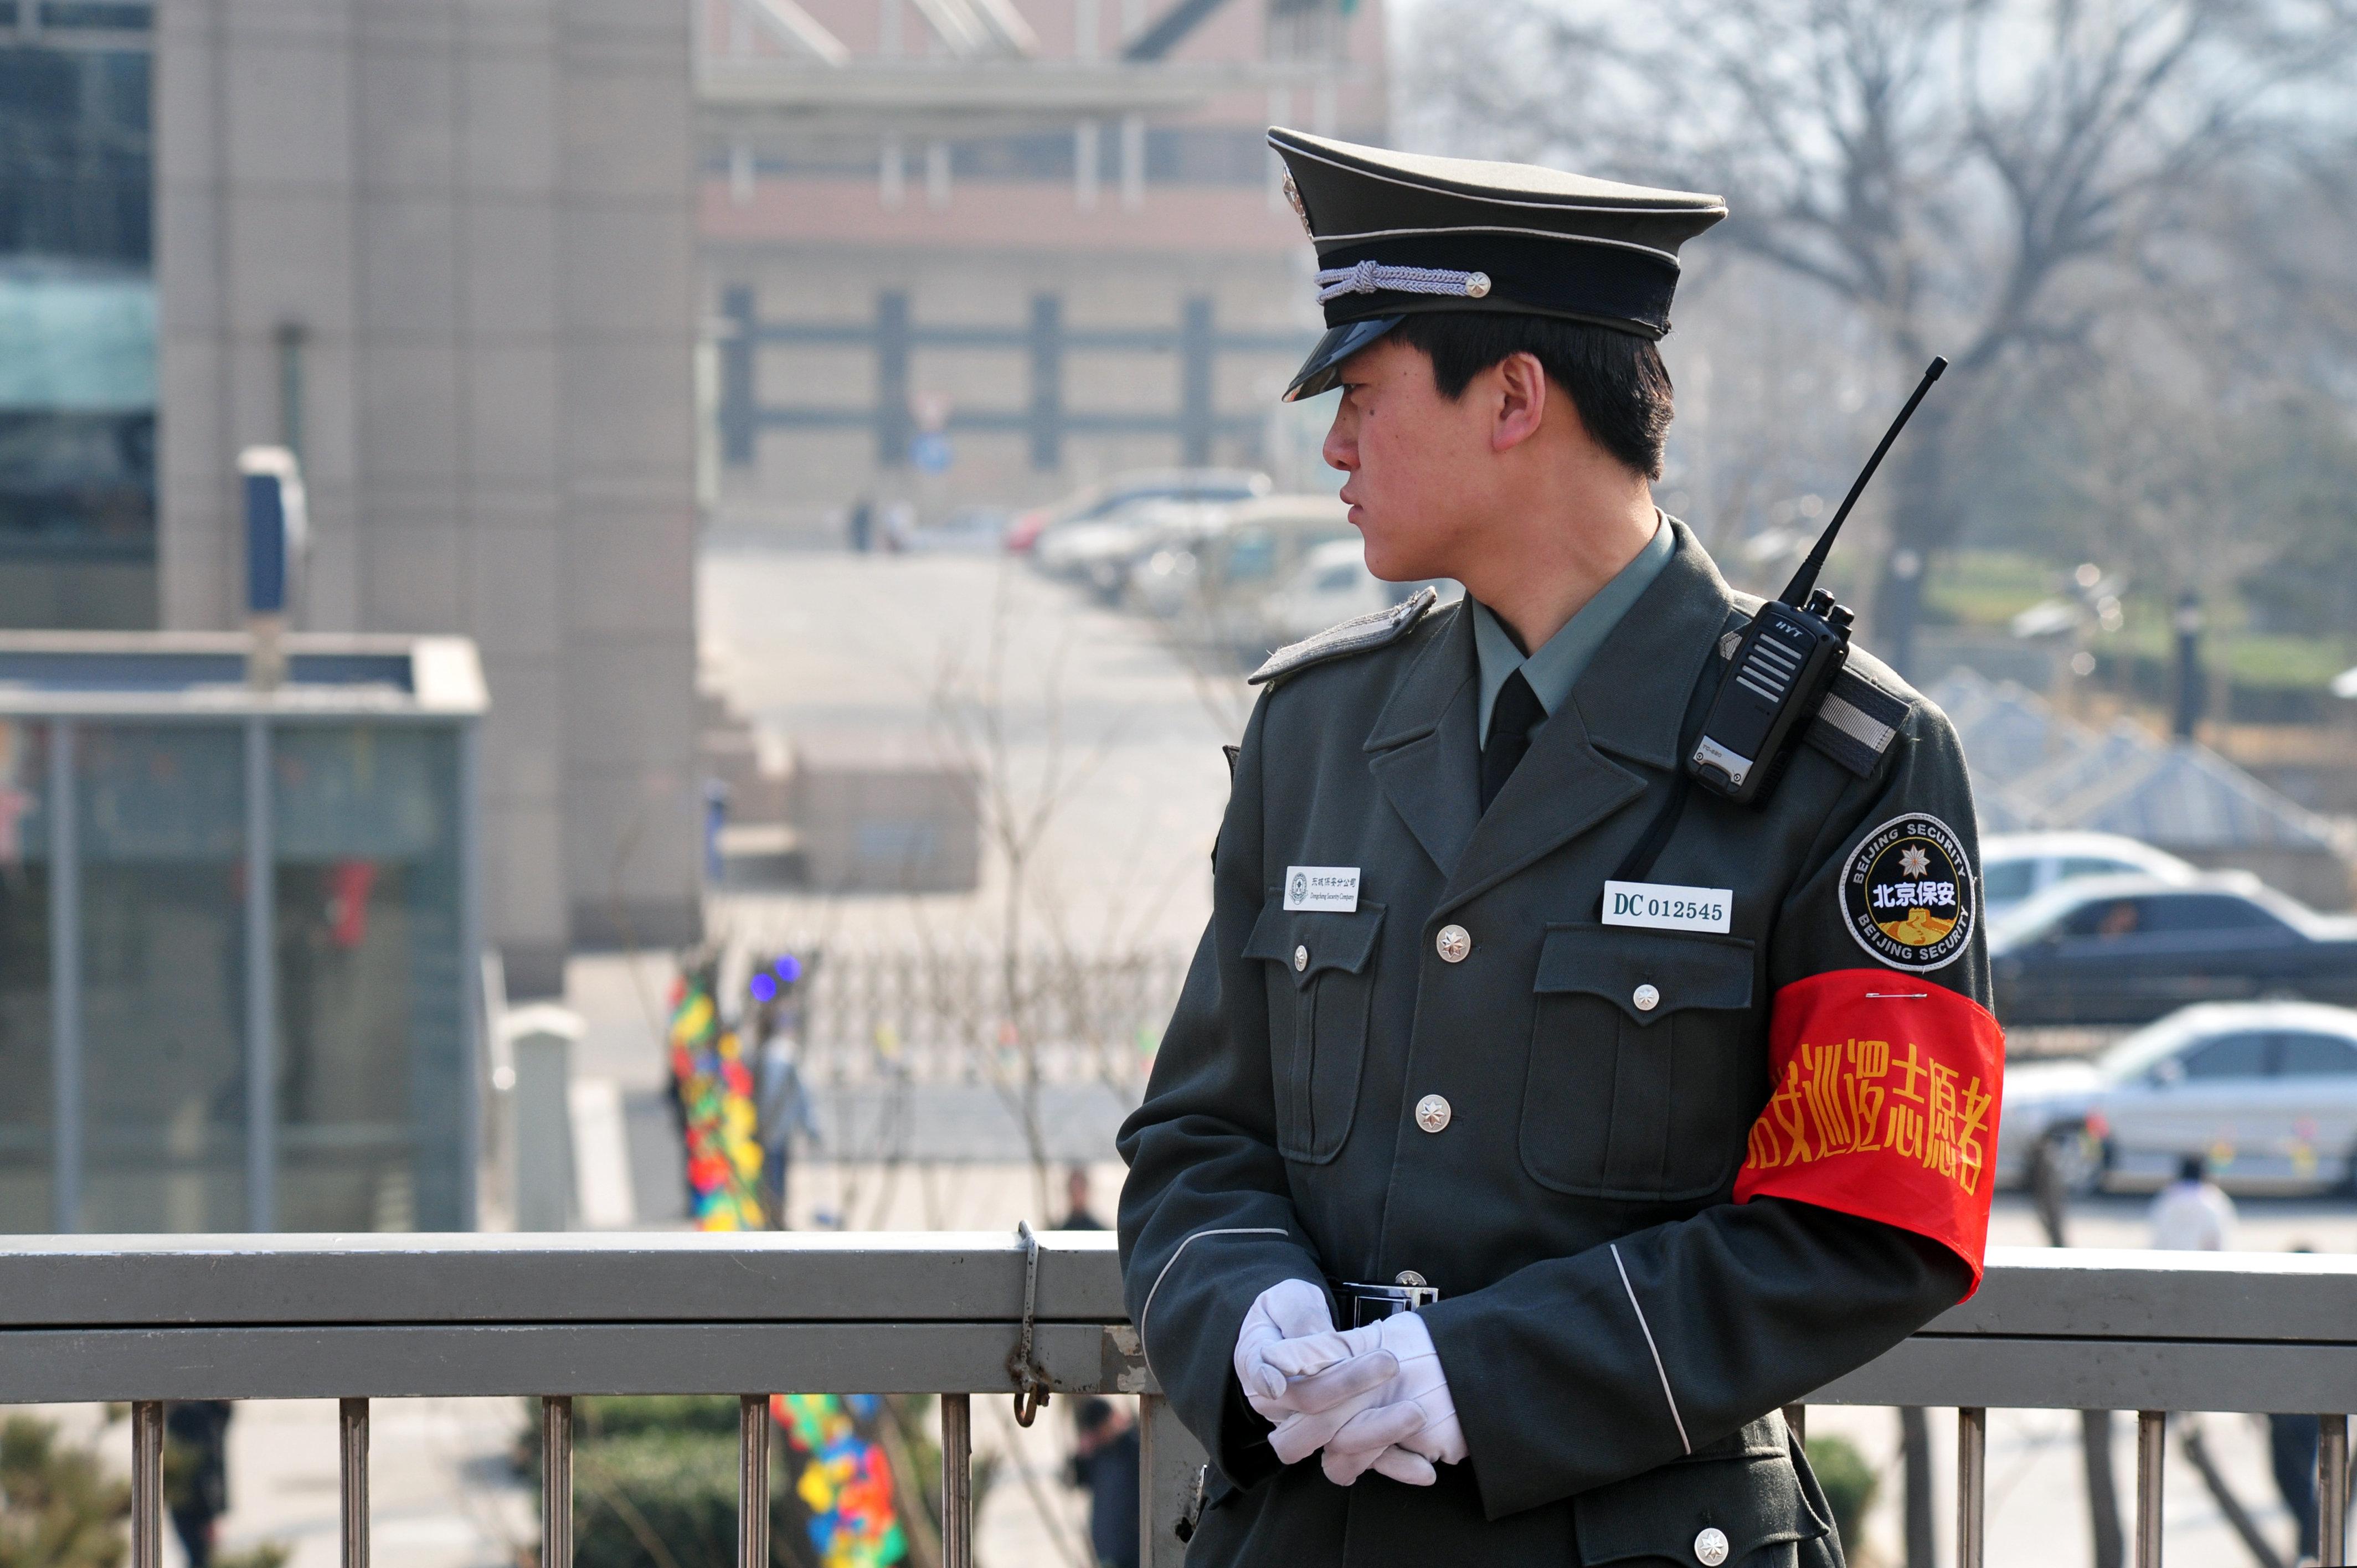 Σε θάνατο καταδικάστηκε ο «Αντεροβγάλτης» της Κίνας. Συνελήφθη κατά τύχη, μετά από 28 χρόνια